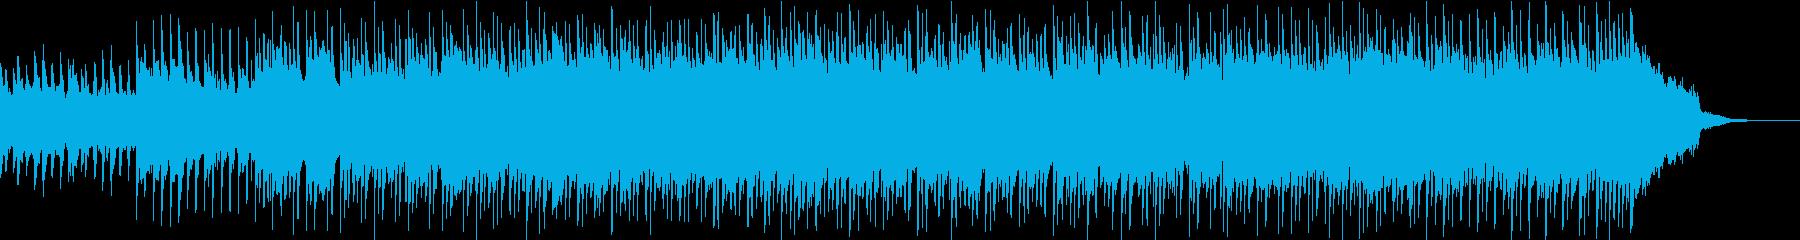 企業CM/ニュースのBGMの再生済みの波形